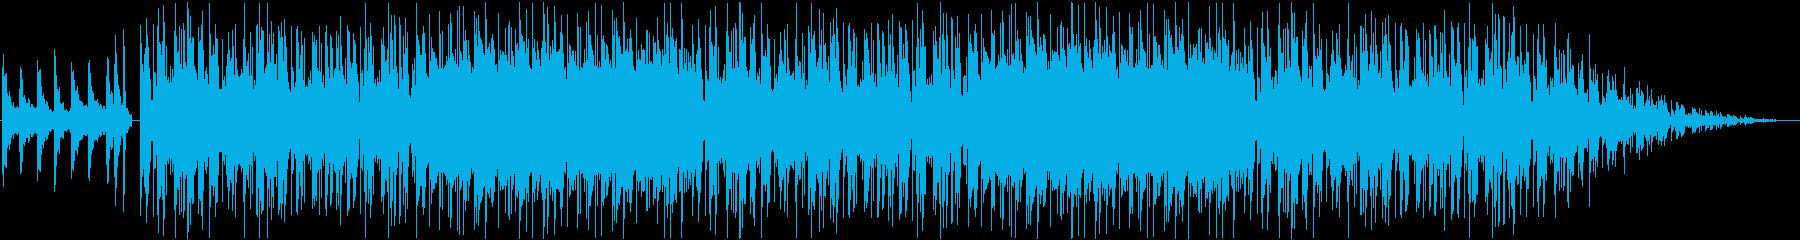 エモい 優しい ローファイ チルアウトの再生済みの波形